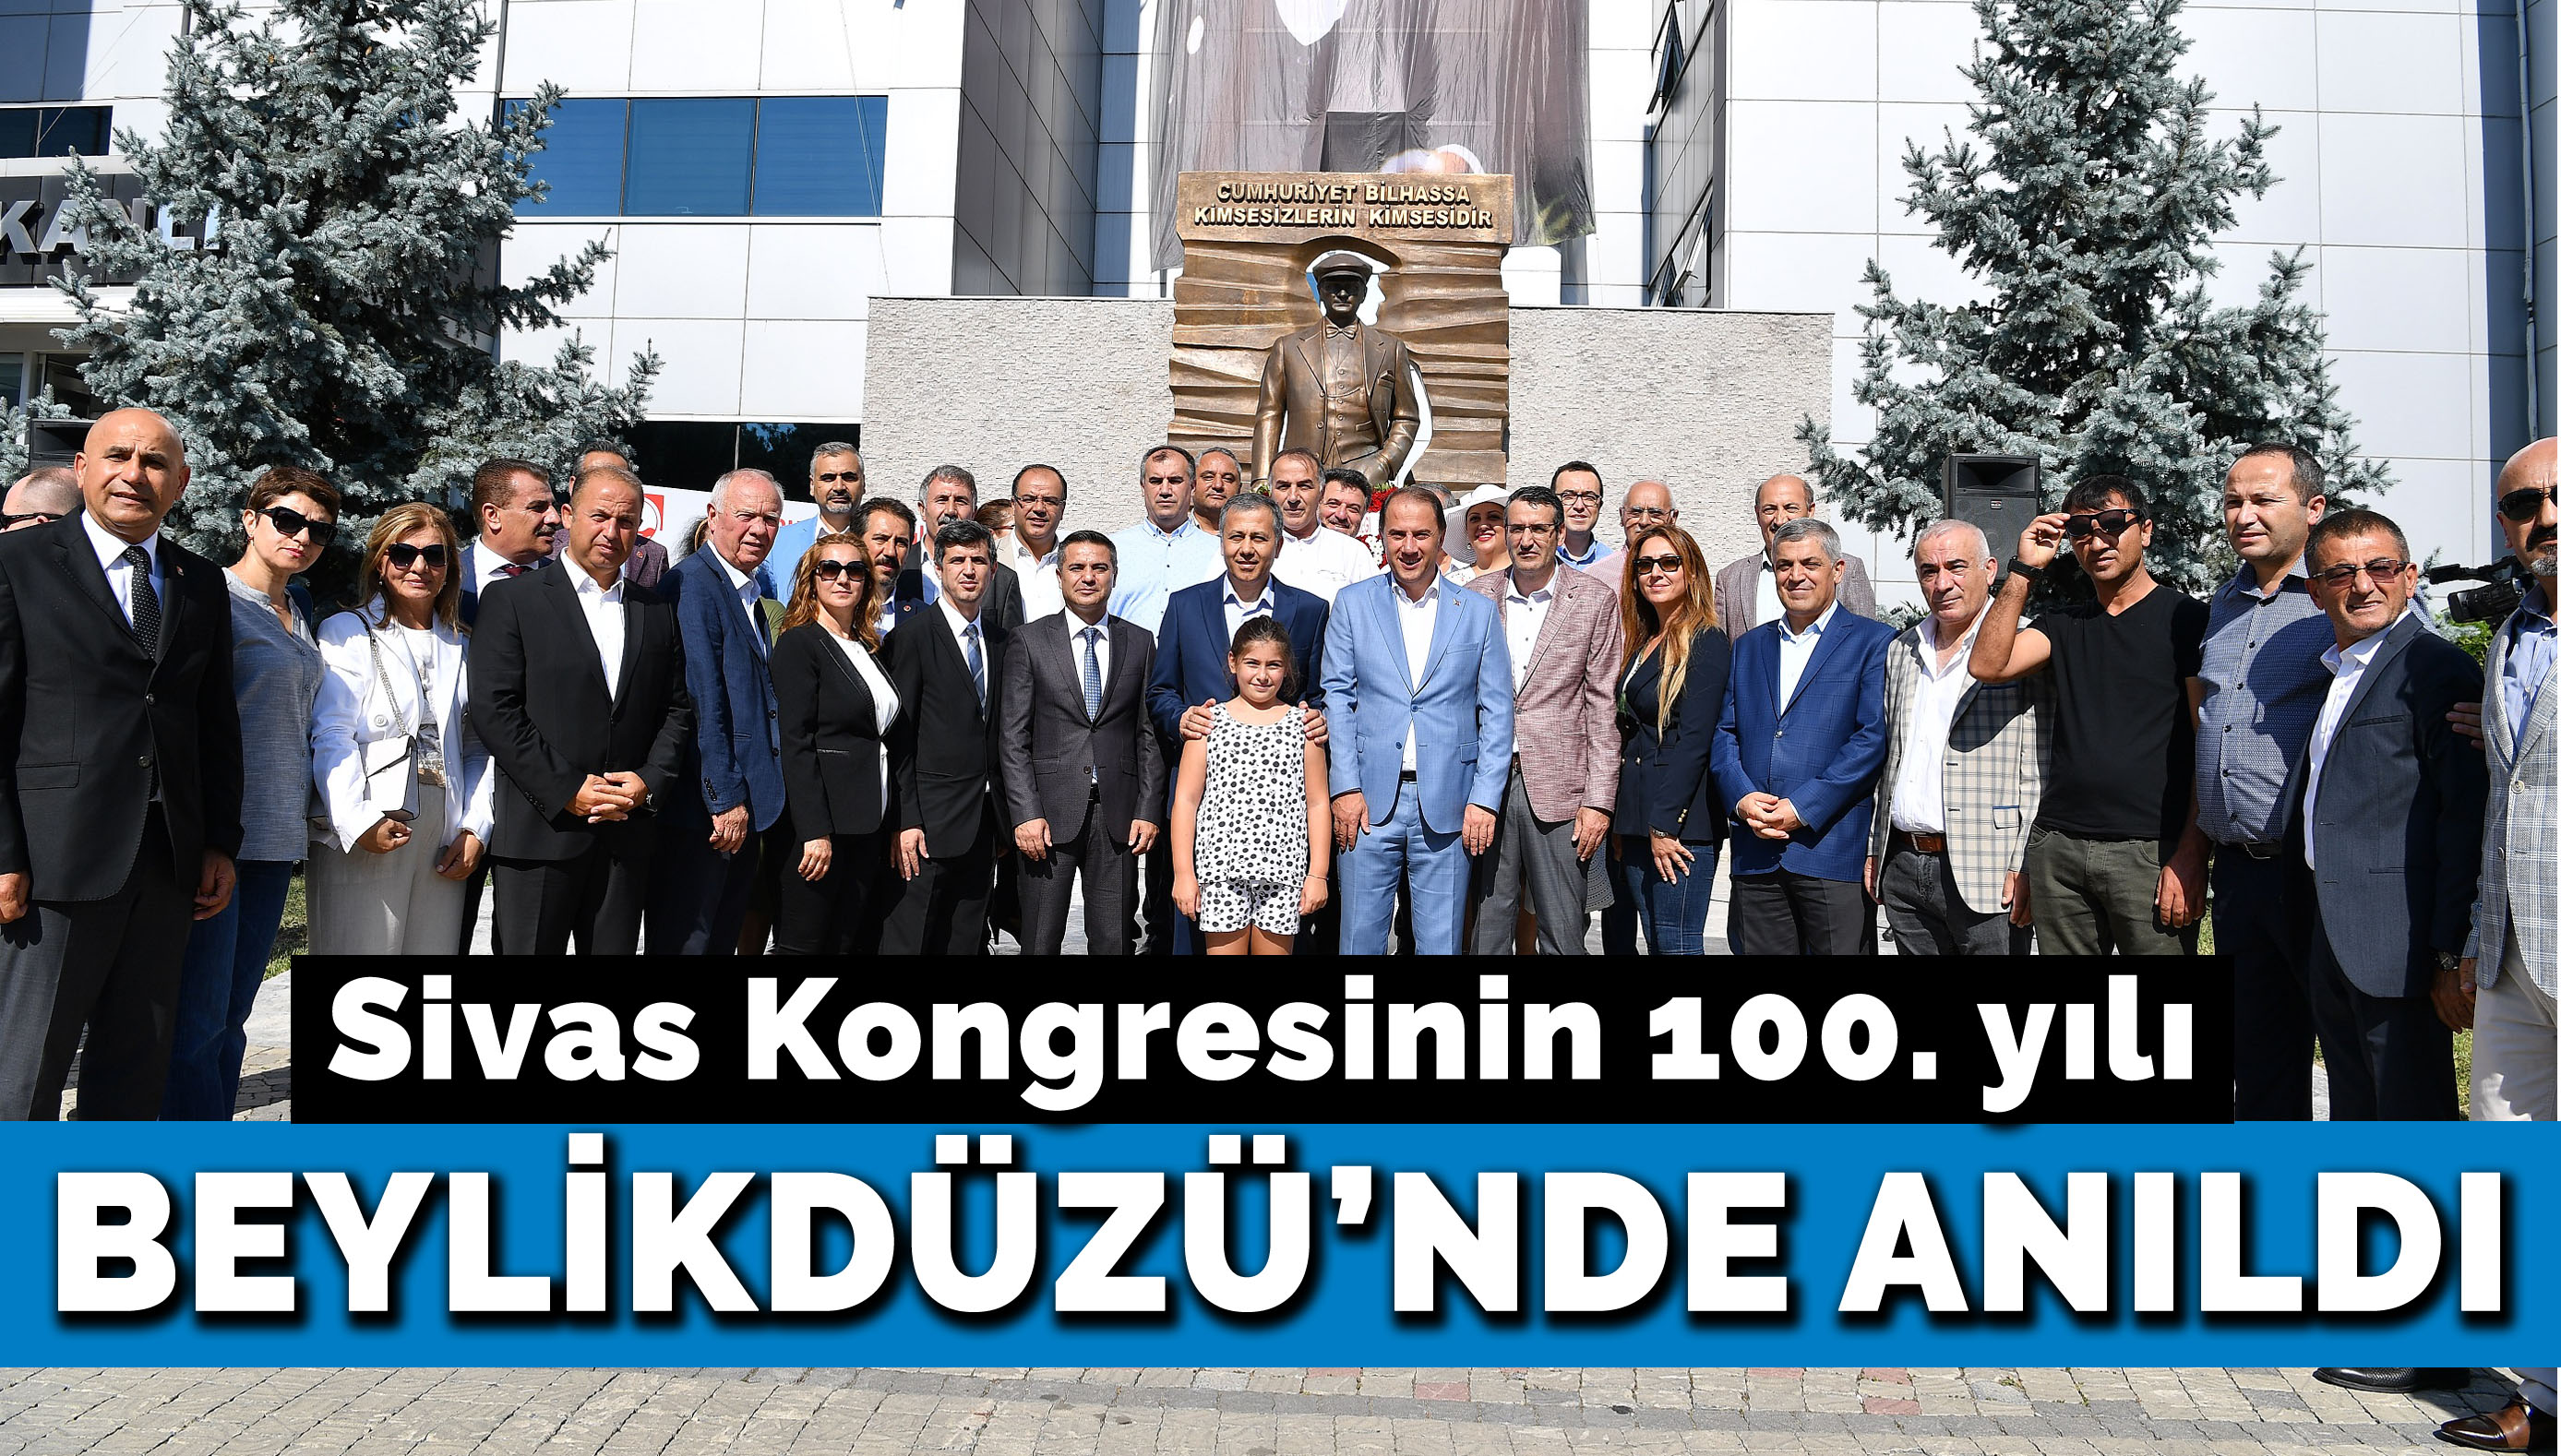 Sivas Kongresinin 100. yılı Beylikdüzü'nde anıldı